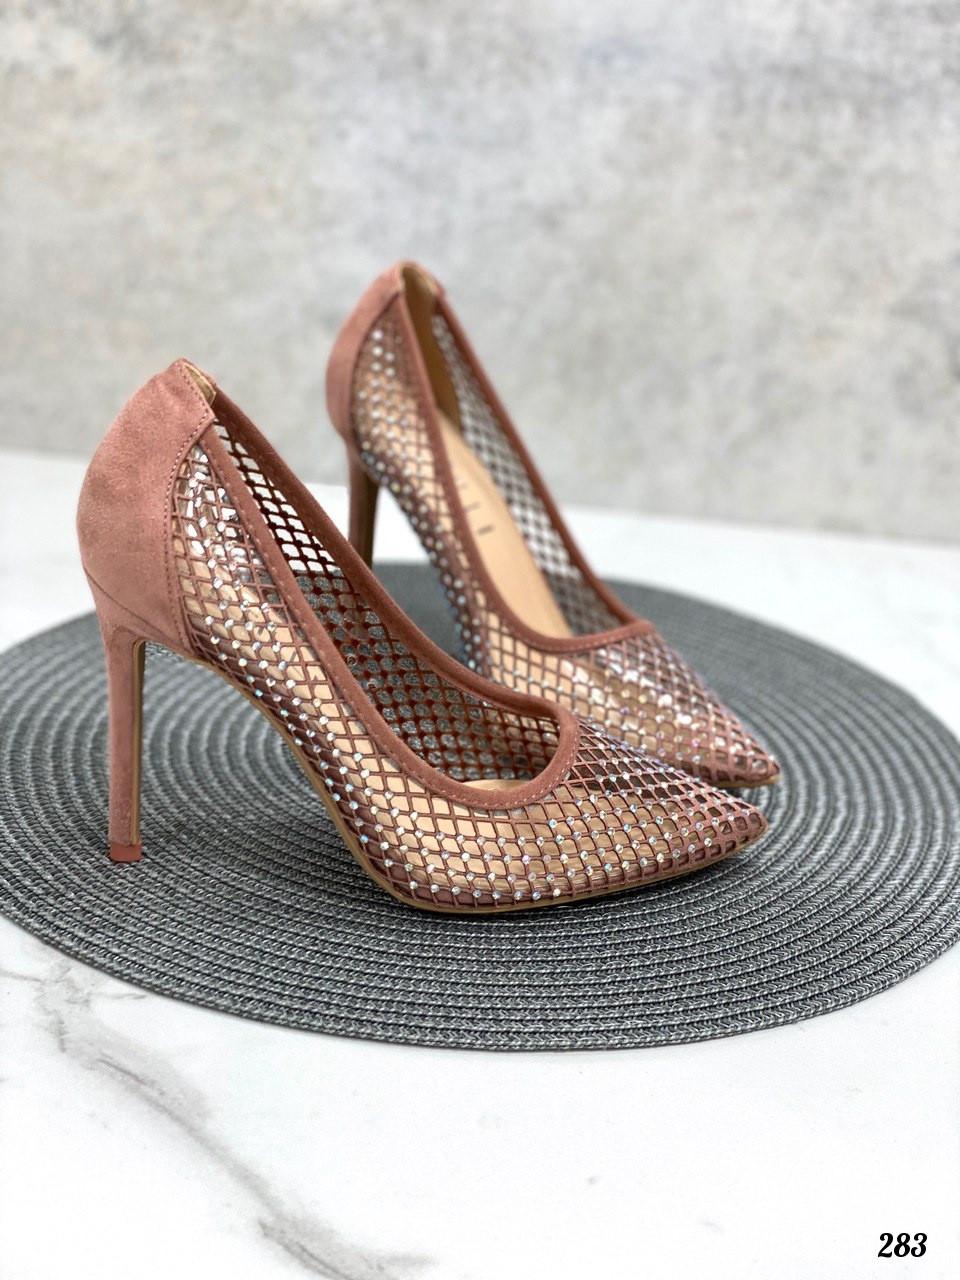 Туфли женские розовые / пудровые со стразами эко-замш+ силикон на каблуке 10 см